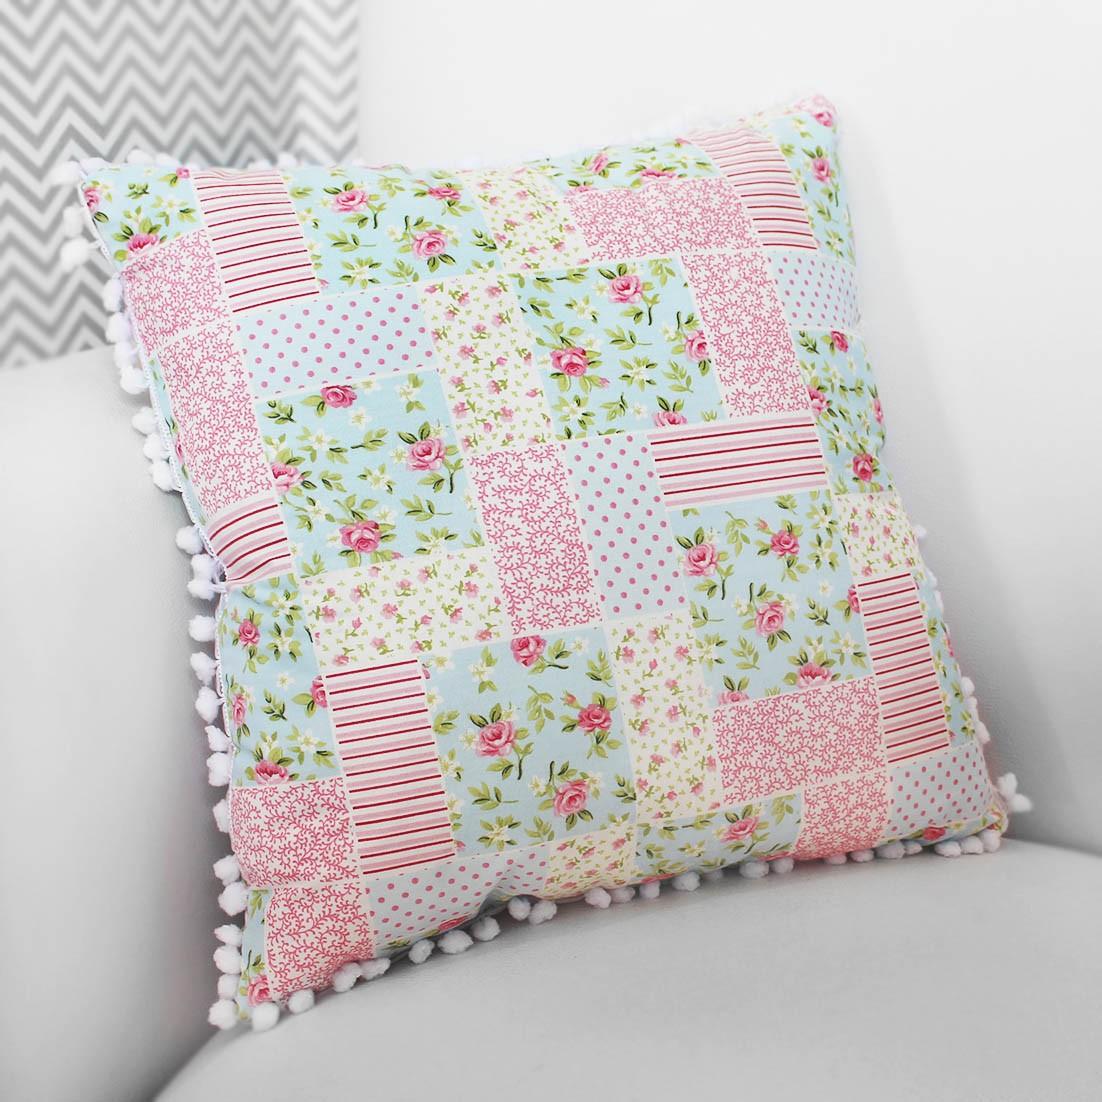 Almofada Decorativa Estampada Patchwork Rosa